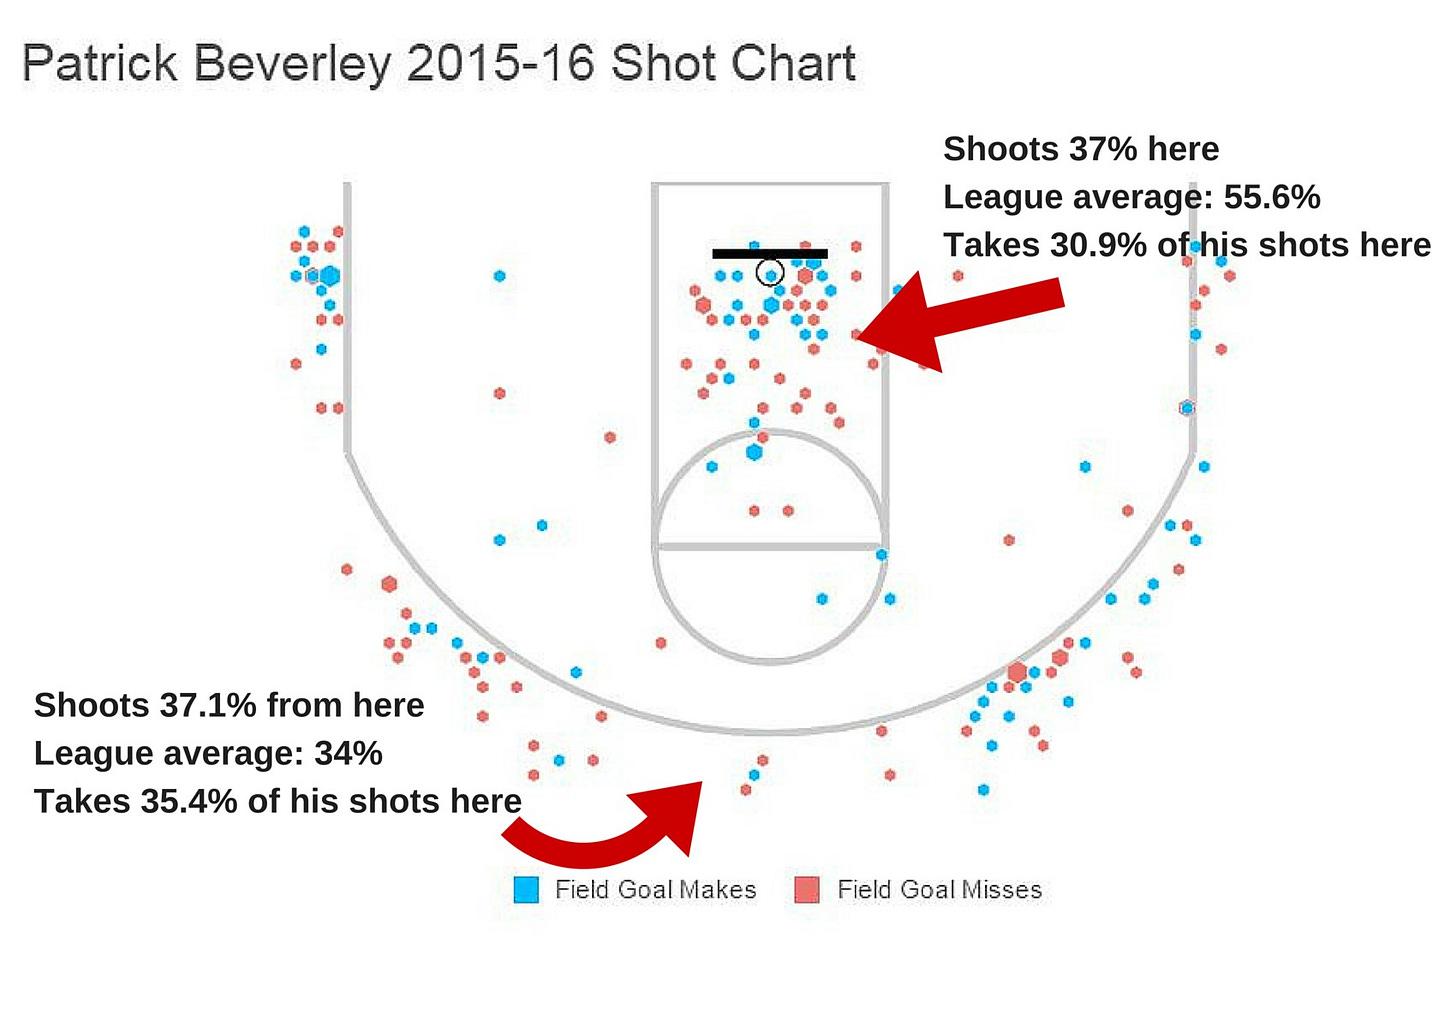 Bev shot chart